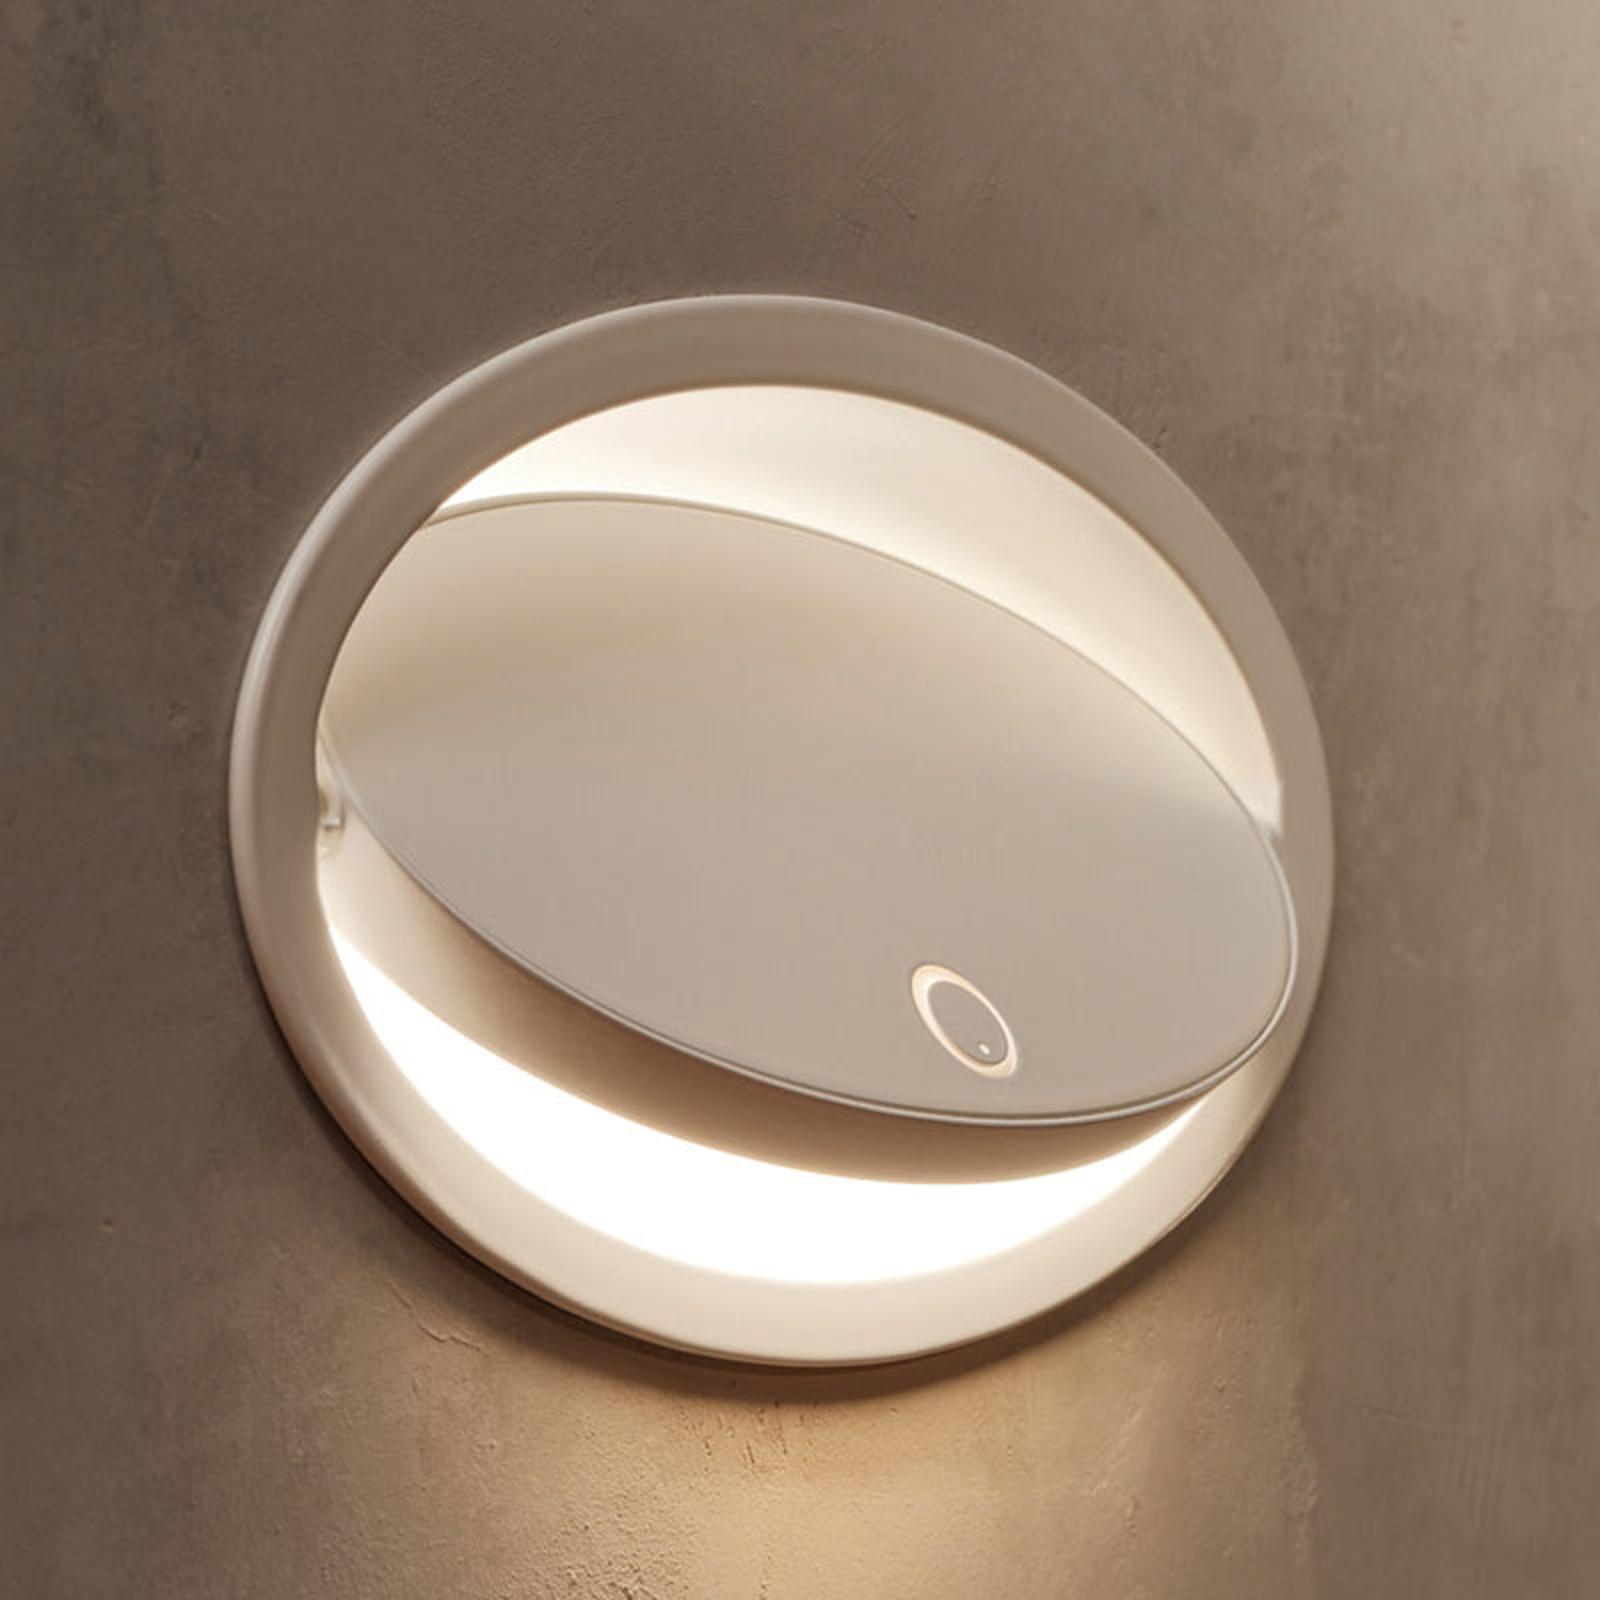 Grok Ely LED-Einbau-Wandlampe mit Touchdimmer